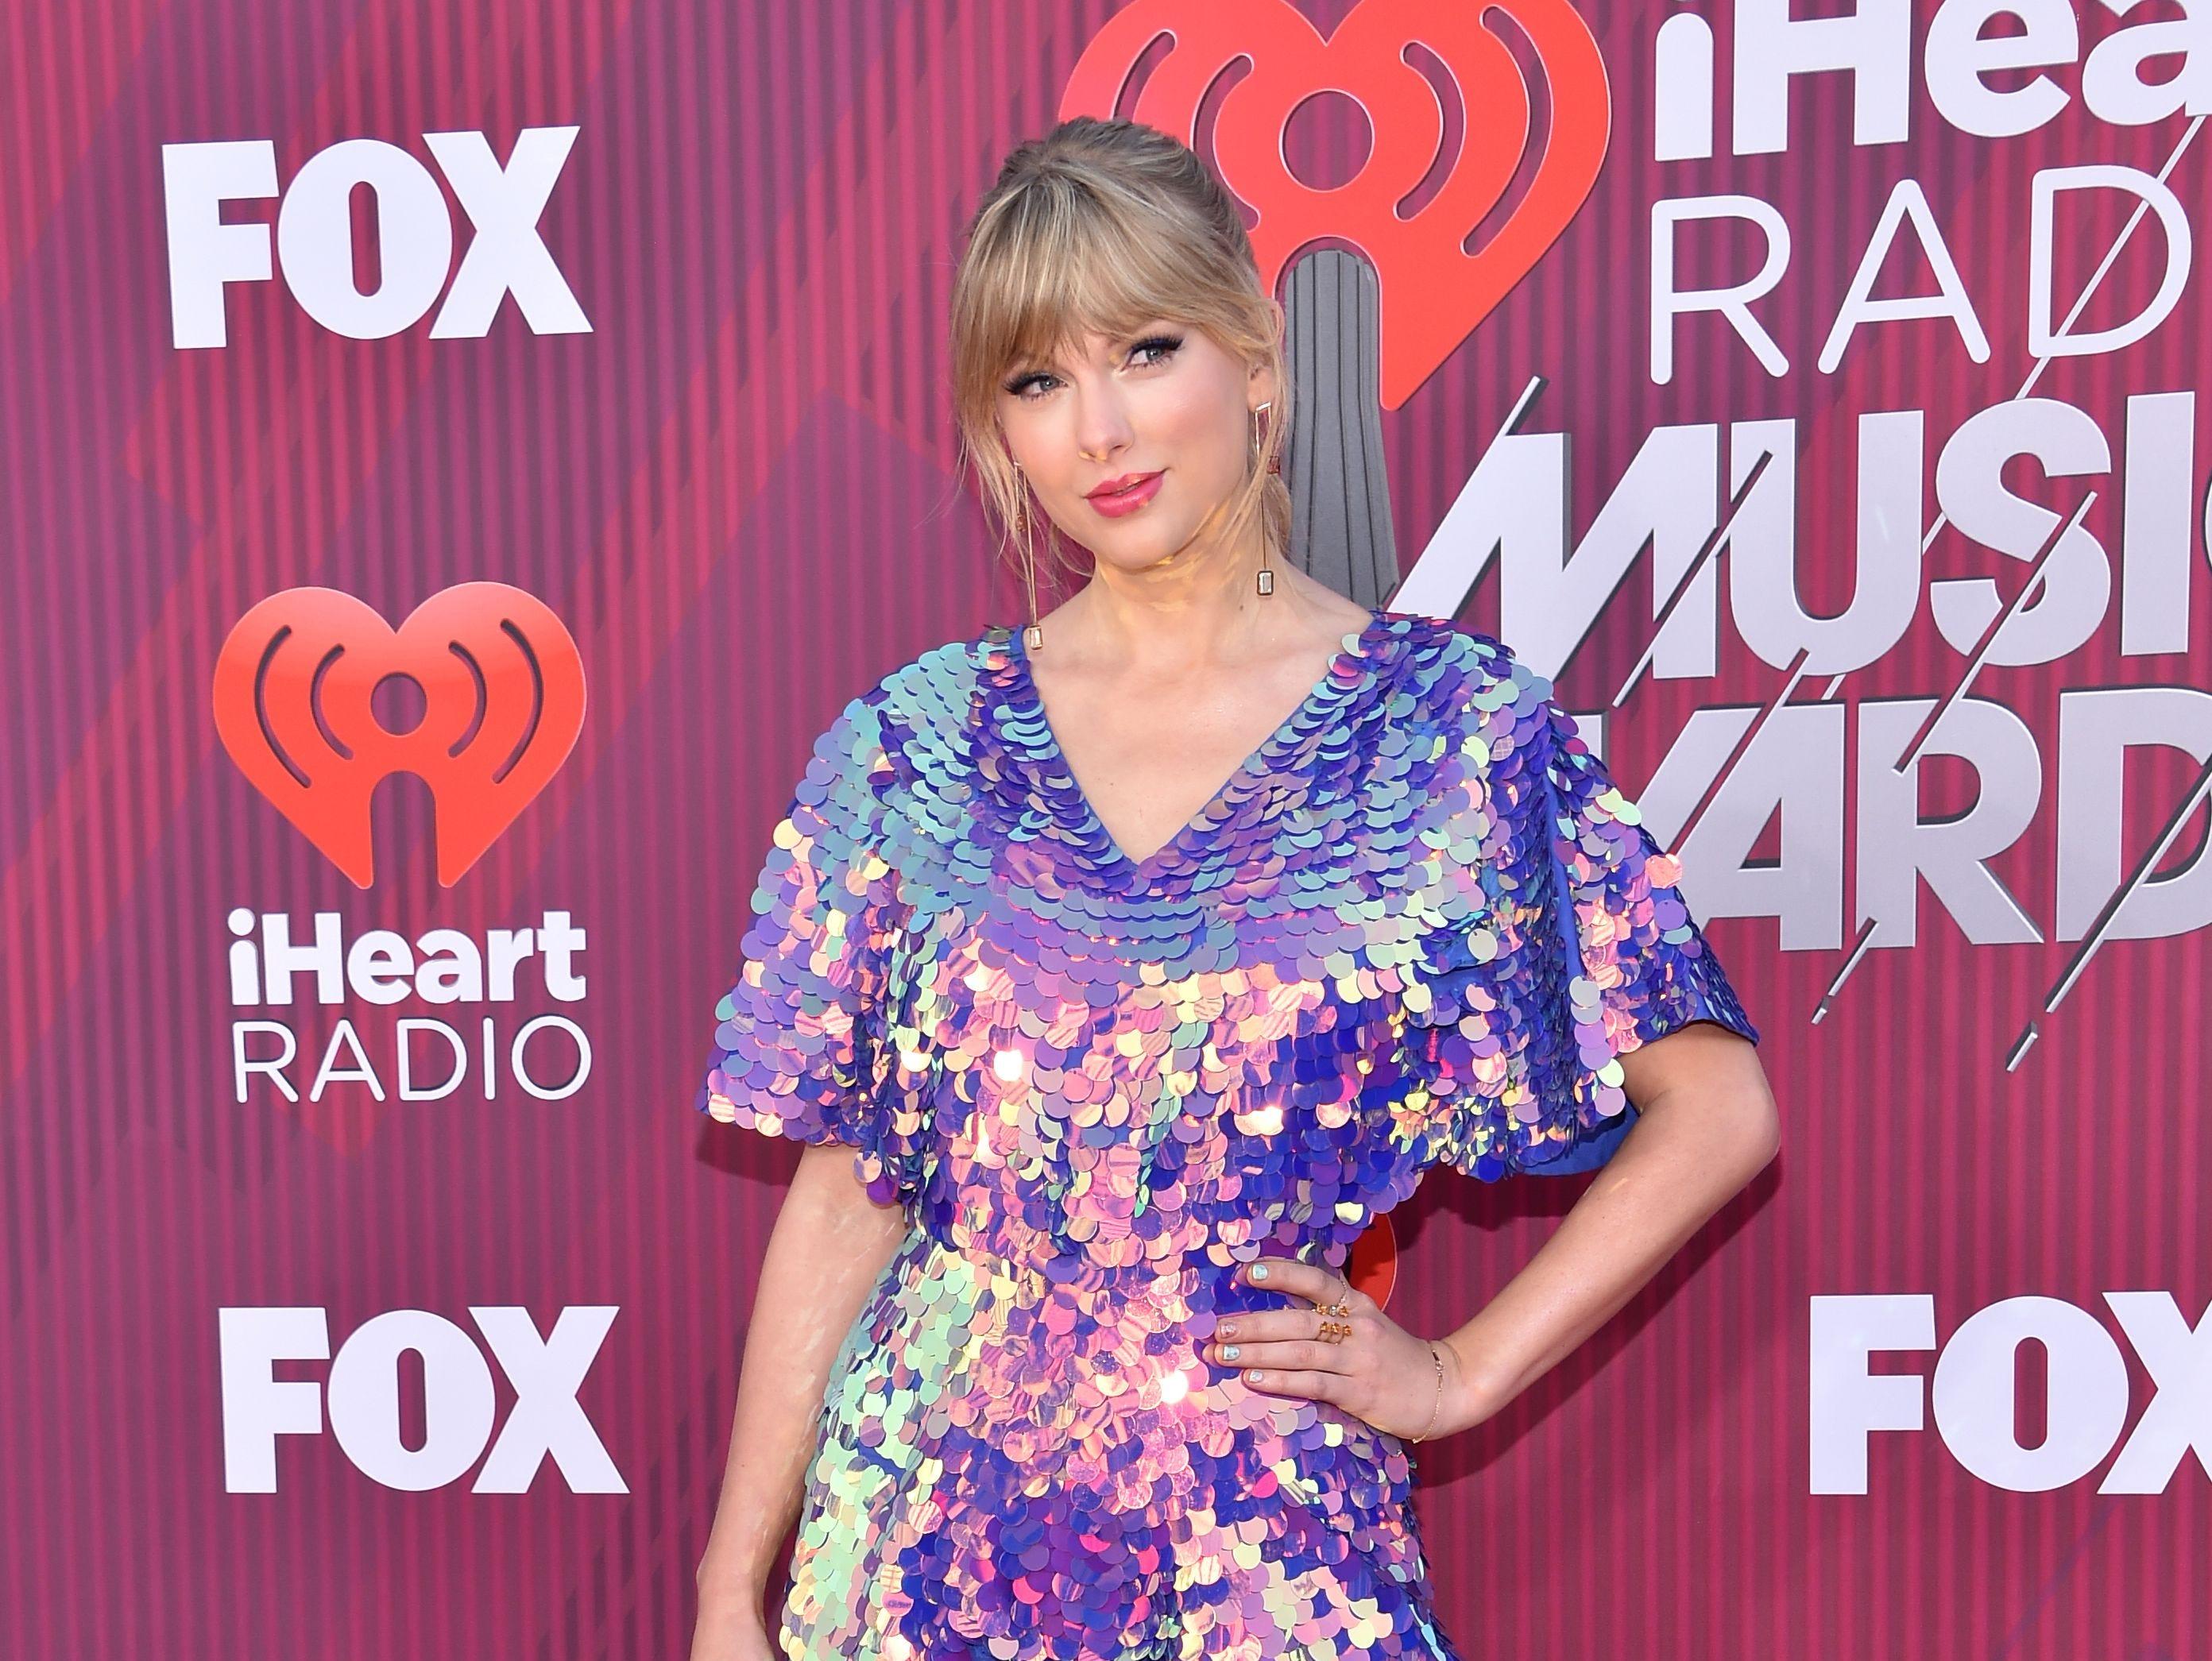 Taylor Swift a su llegada a los premios iHeart Radio Music Awards en 2019 el 14 de marzo de 2019 en Los Angeles, California.